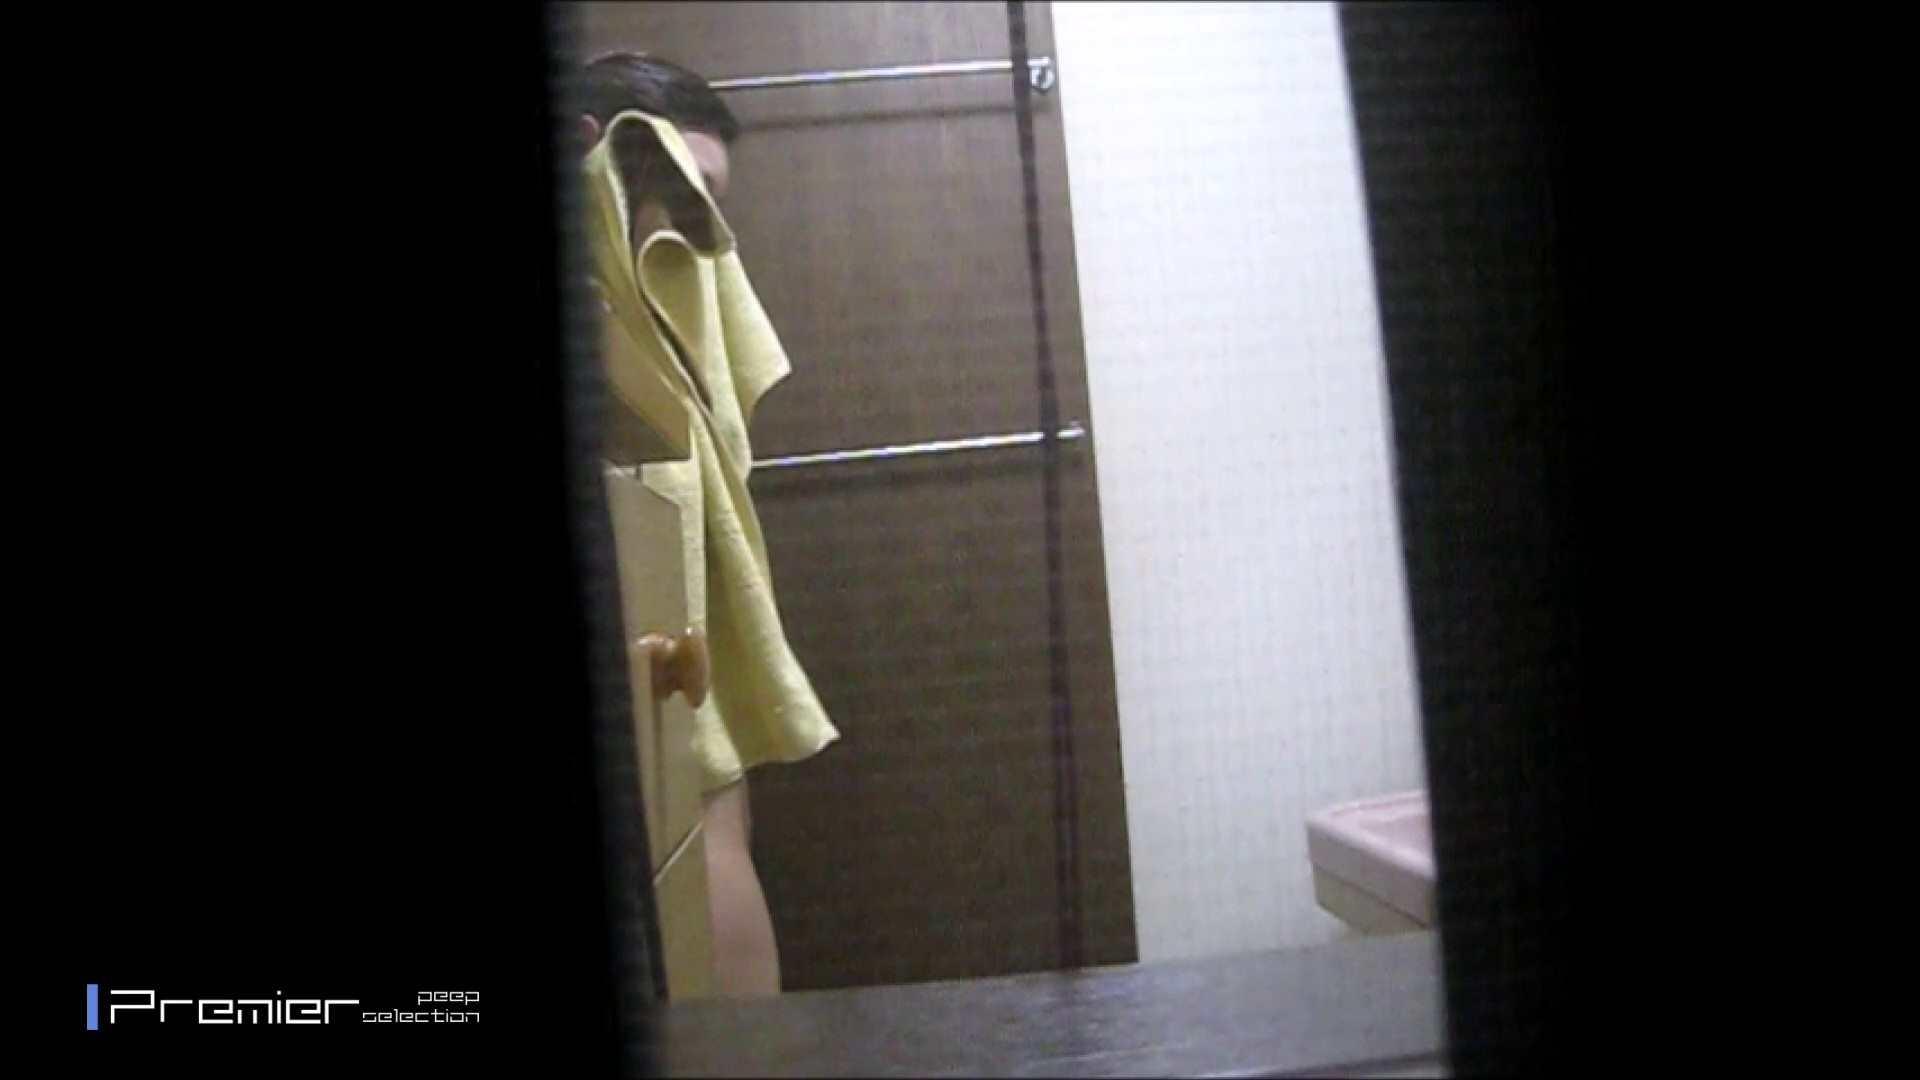 スレンダー美女の桃色乳首 乙女の風呂場 Vol.09 盗撮 オマンコ動画キャプチャ 77PIX 59